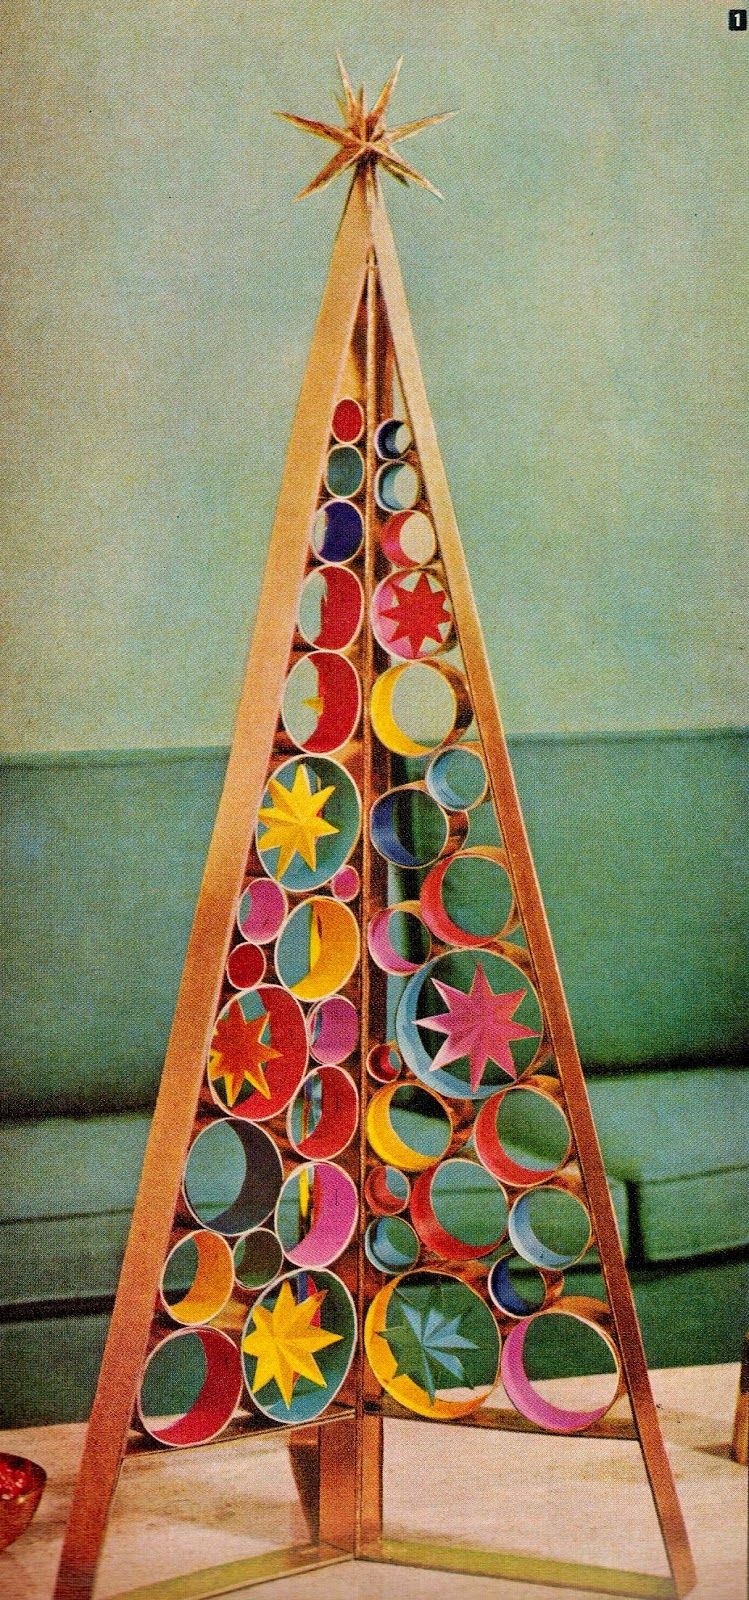 DIY mid century retro Christmas tree centerpiece. http